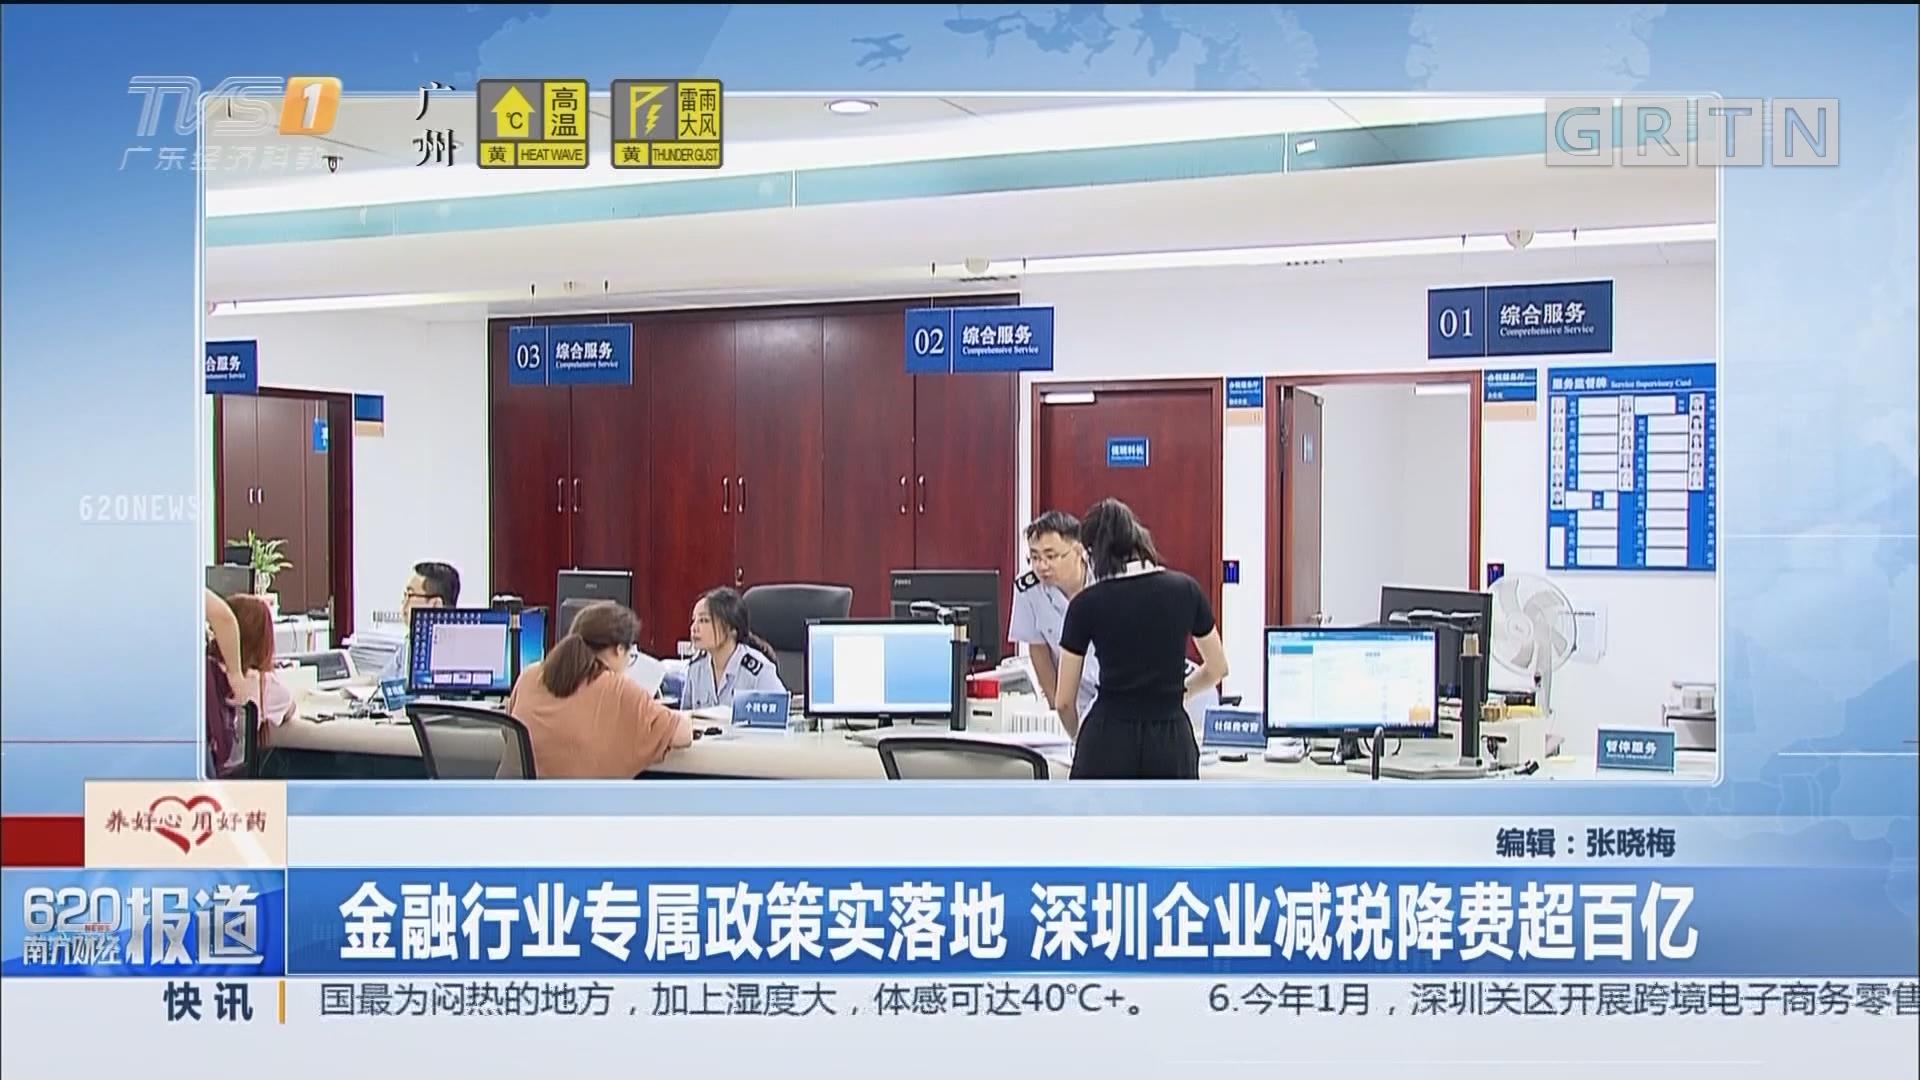 金融行业专属政策实落地 深圳企业减税降费超百亿